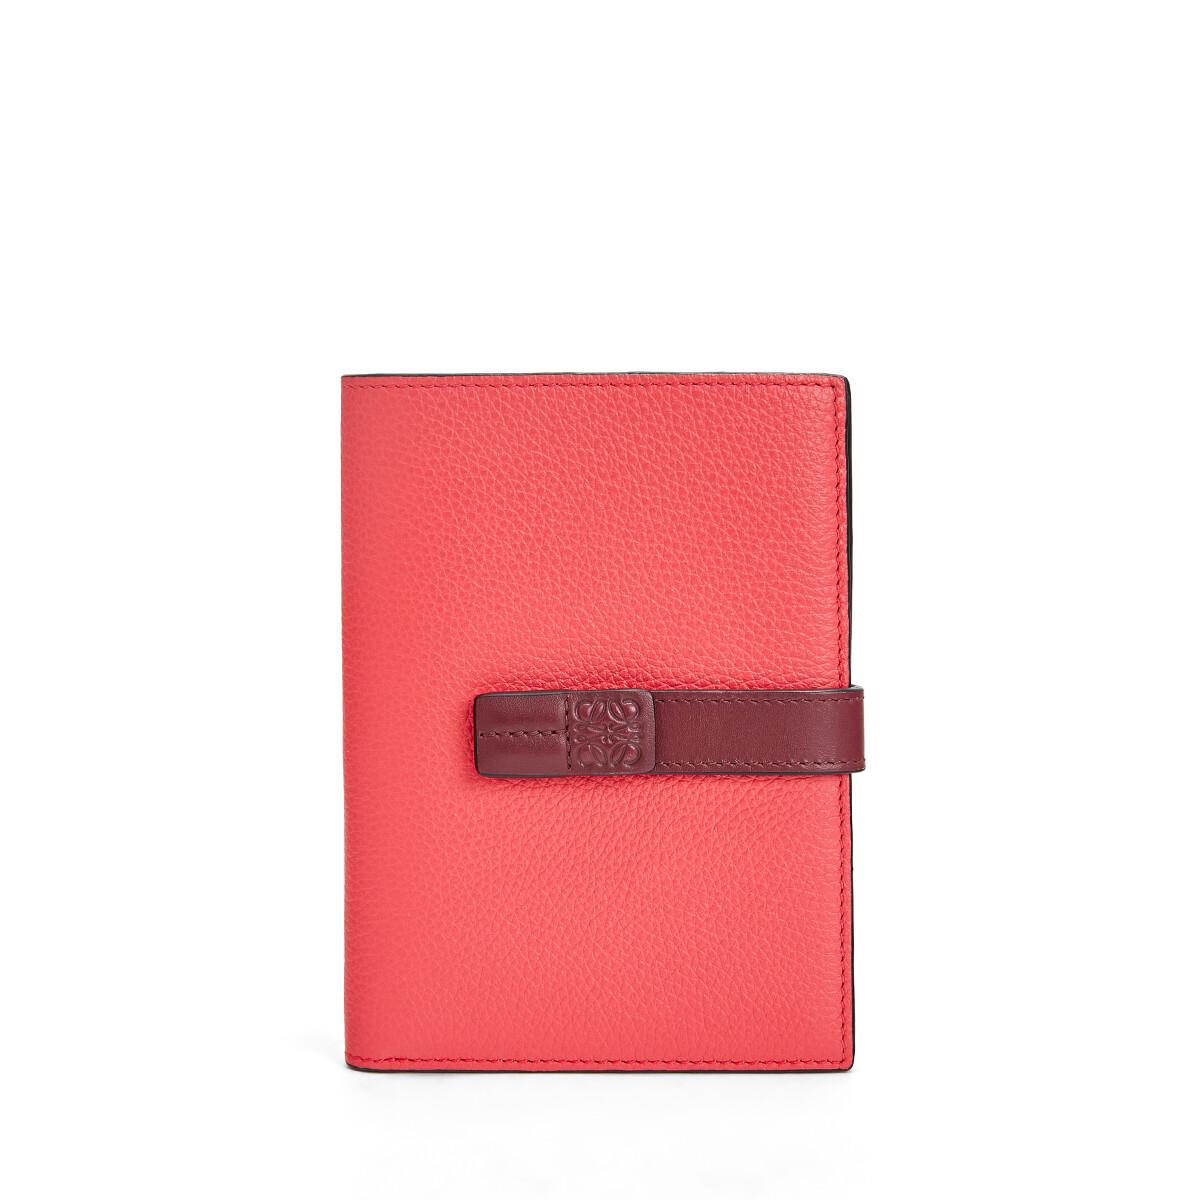 「LOEWE(ロエベ)」の人気レディース二つ折り財布